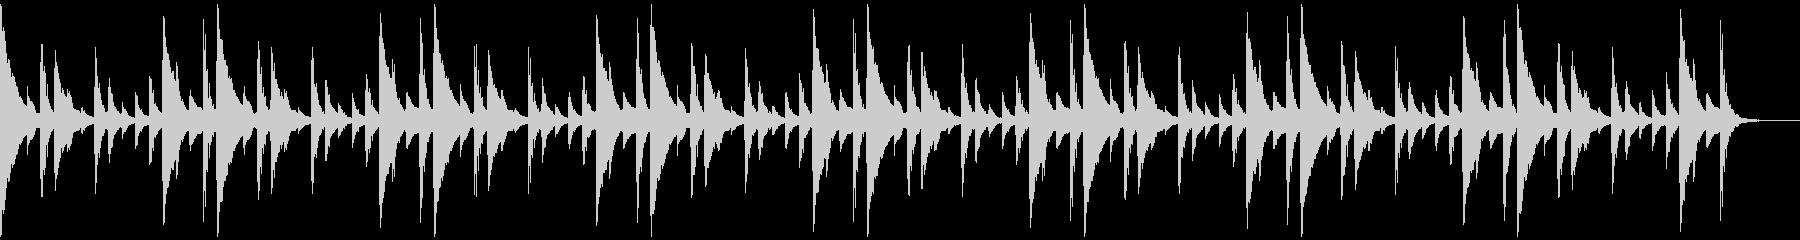 サンバのリズムパターンの未再生の波形